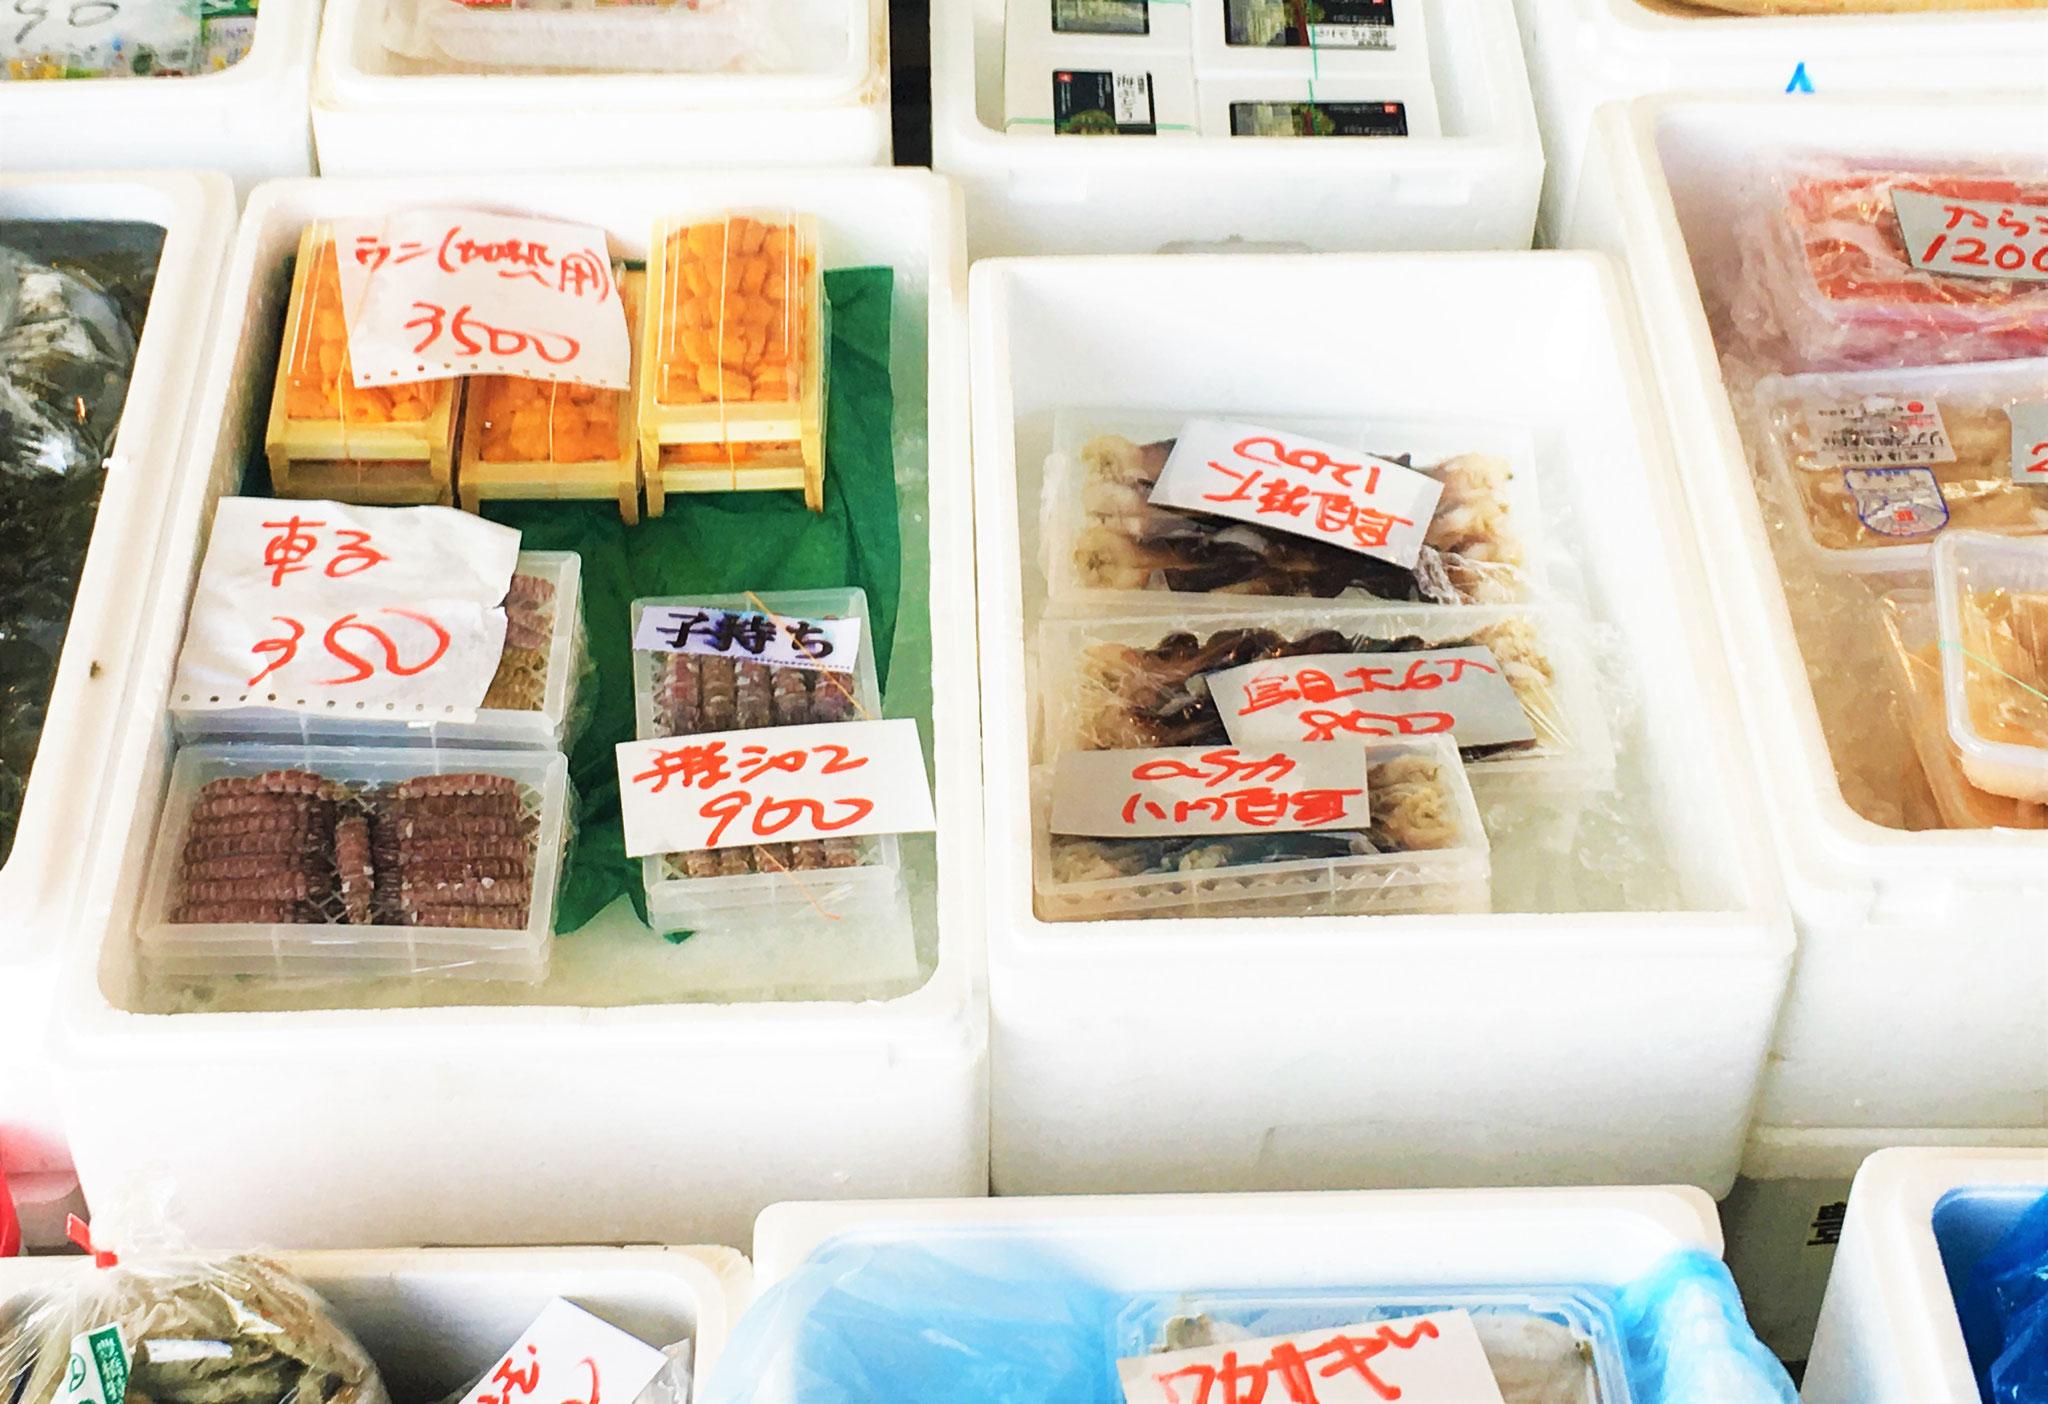 ウニや貝類など品数も豊富に取り揃えております!